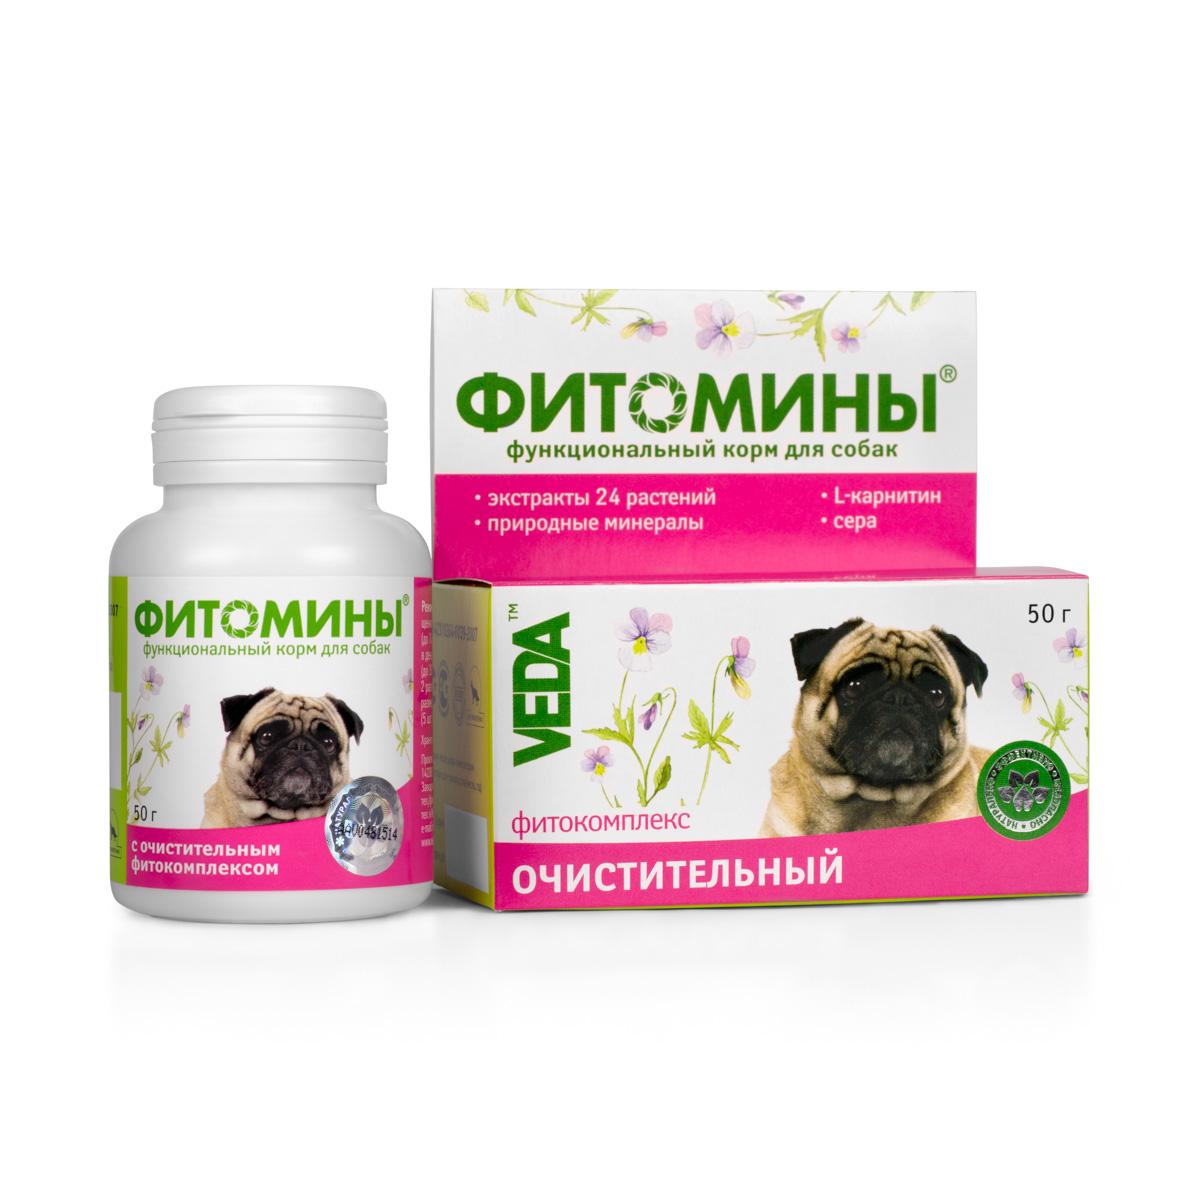 Корм для собак VEDA Фитомины, функциональный, с очистительным фитокомплексом, 50 г0120710Функциональный корм для собак VEDA Фитомины с очистительным фитокомплексом стабилизирует работу кишечника, повышает аппетит, восстанавливает и защищает печень, снижает уровень билирубина и холестерина в крови.Рекомендуется включать в рацион животных имеющих отклонения в работе органов:- желудочно-кишечного тракта, - печени, желчного пузыря, желчных протоков, поджелудочной железы.Состав: лактоза; крахмал; дрожжи пивные; фитокомплекс: чаги, цветков ромашки, травы репейничка аптечного, травы солянки холмовой, листьев мяты перечной, цветков бессмертника песчаного, травы сушеницы топяной, травы тысячелистника, травы подмаренника настоящего, травы чистотела, листьев крапивы, почек березы, травы кипрея узколистного, травы зверобоя, травы эхинацеи пурпурной, плодов фенхеля, цветков буквицы, цветков лабазника вязолистного, травы будры плющевидной, корней одуванчика, корней и корневищ солодки, травы фиалки, листьев подорожника большого, травы золототысячника; природный минеральный комплекс; паровая мясная мука; стеарат кальция; L-карнитин; сера. В 100 г продукта содержится (не менее): углеводы - 92 г; жиры - 0,1 г; белки – 2,0 г; кальций - 600 мг; фосфор - 360 мг; железо - 15,0 мг; цинк - 4 мг; марганец - 0,1 мг; медь - 0,3 мг; L-карнитин - 0,5 г; сера - 0,1 г.Энергетическая ценность в 100 г: 380 ккал.Товар сертифицирован.